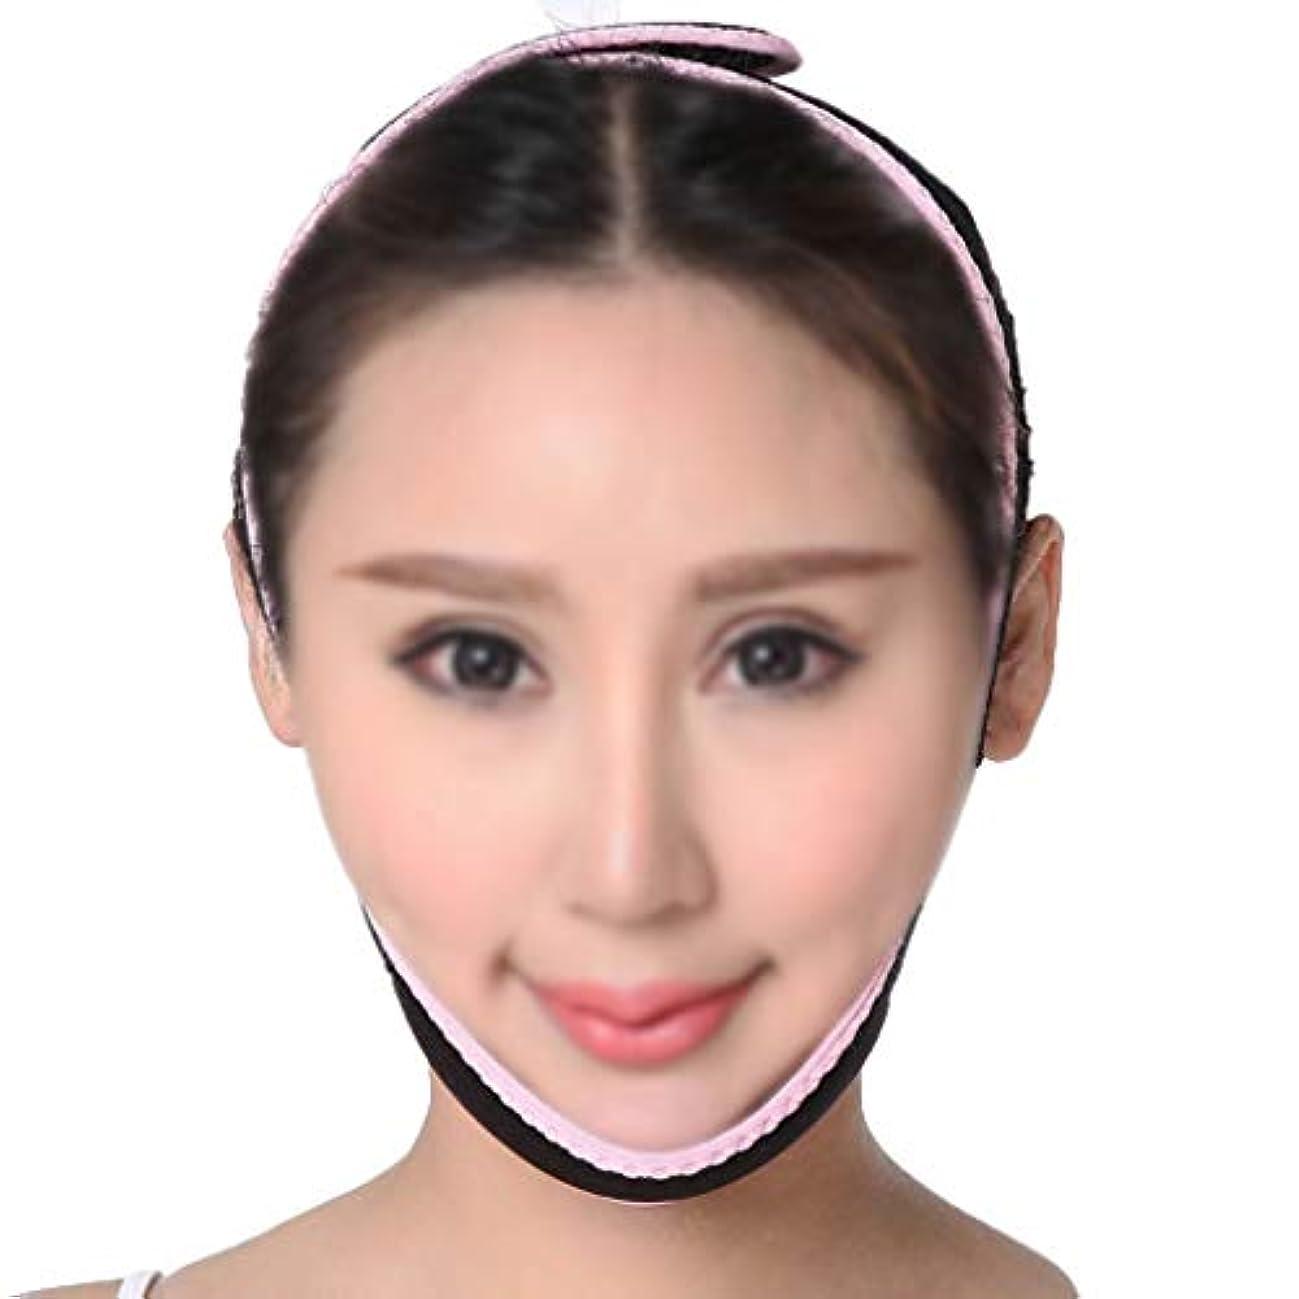 航海の店員グリースGLJJQMY 引き締めマスク薄い顔面マスクフェイスリフティング器具V顔薄い顔面包帯薄い顔マッサージ器薄い顔面マスクフェイスリフティング装置 顔用整形マスク